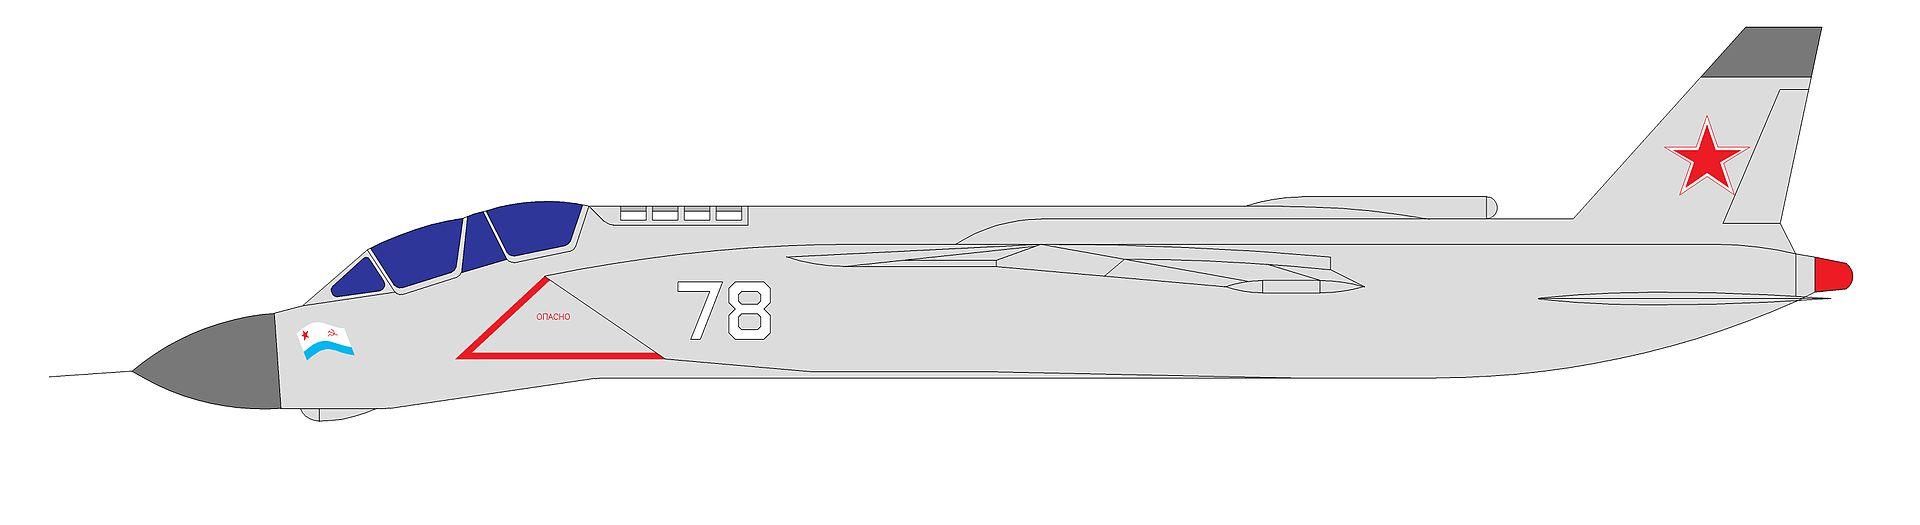 Вероятный внешний вид двухместного учебно-тренировочного СВВП Як-41УТ